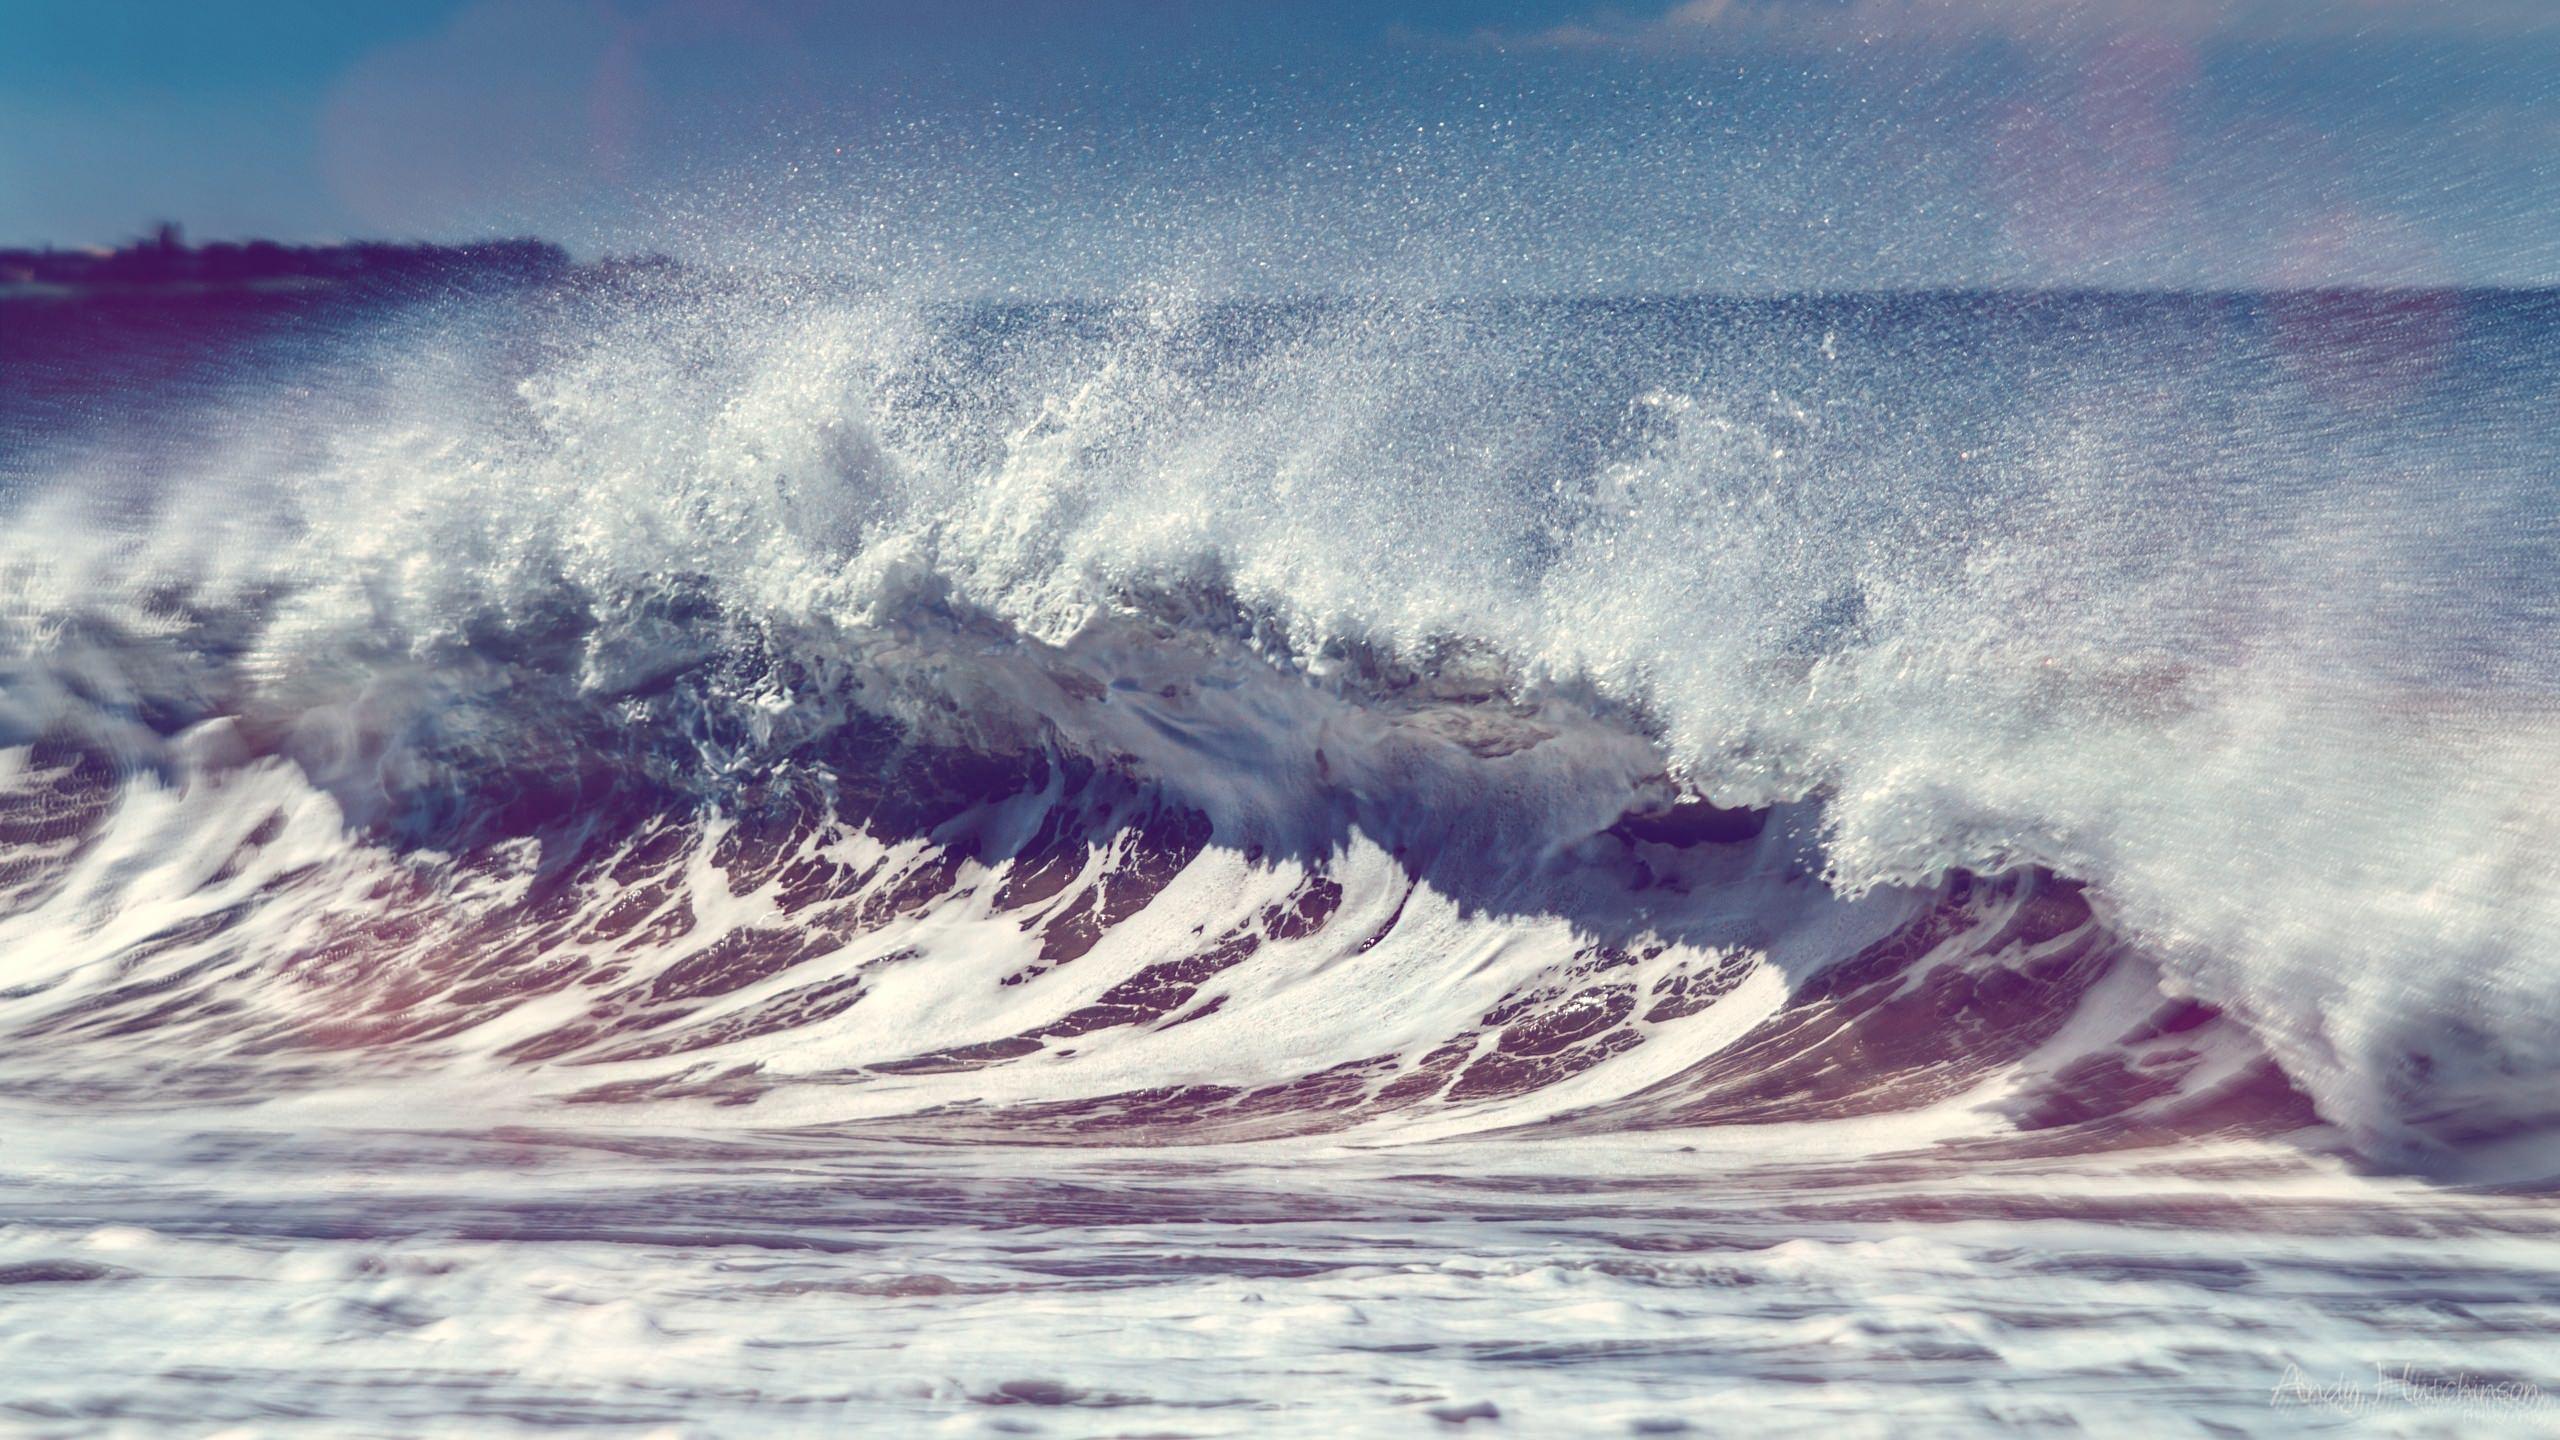 荒い波 2560 X 1440 の壁紙 壁紙キングダム Pc デスクトップ版